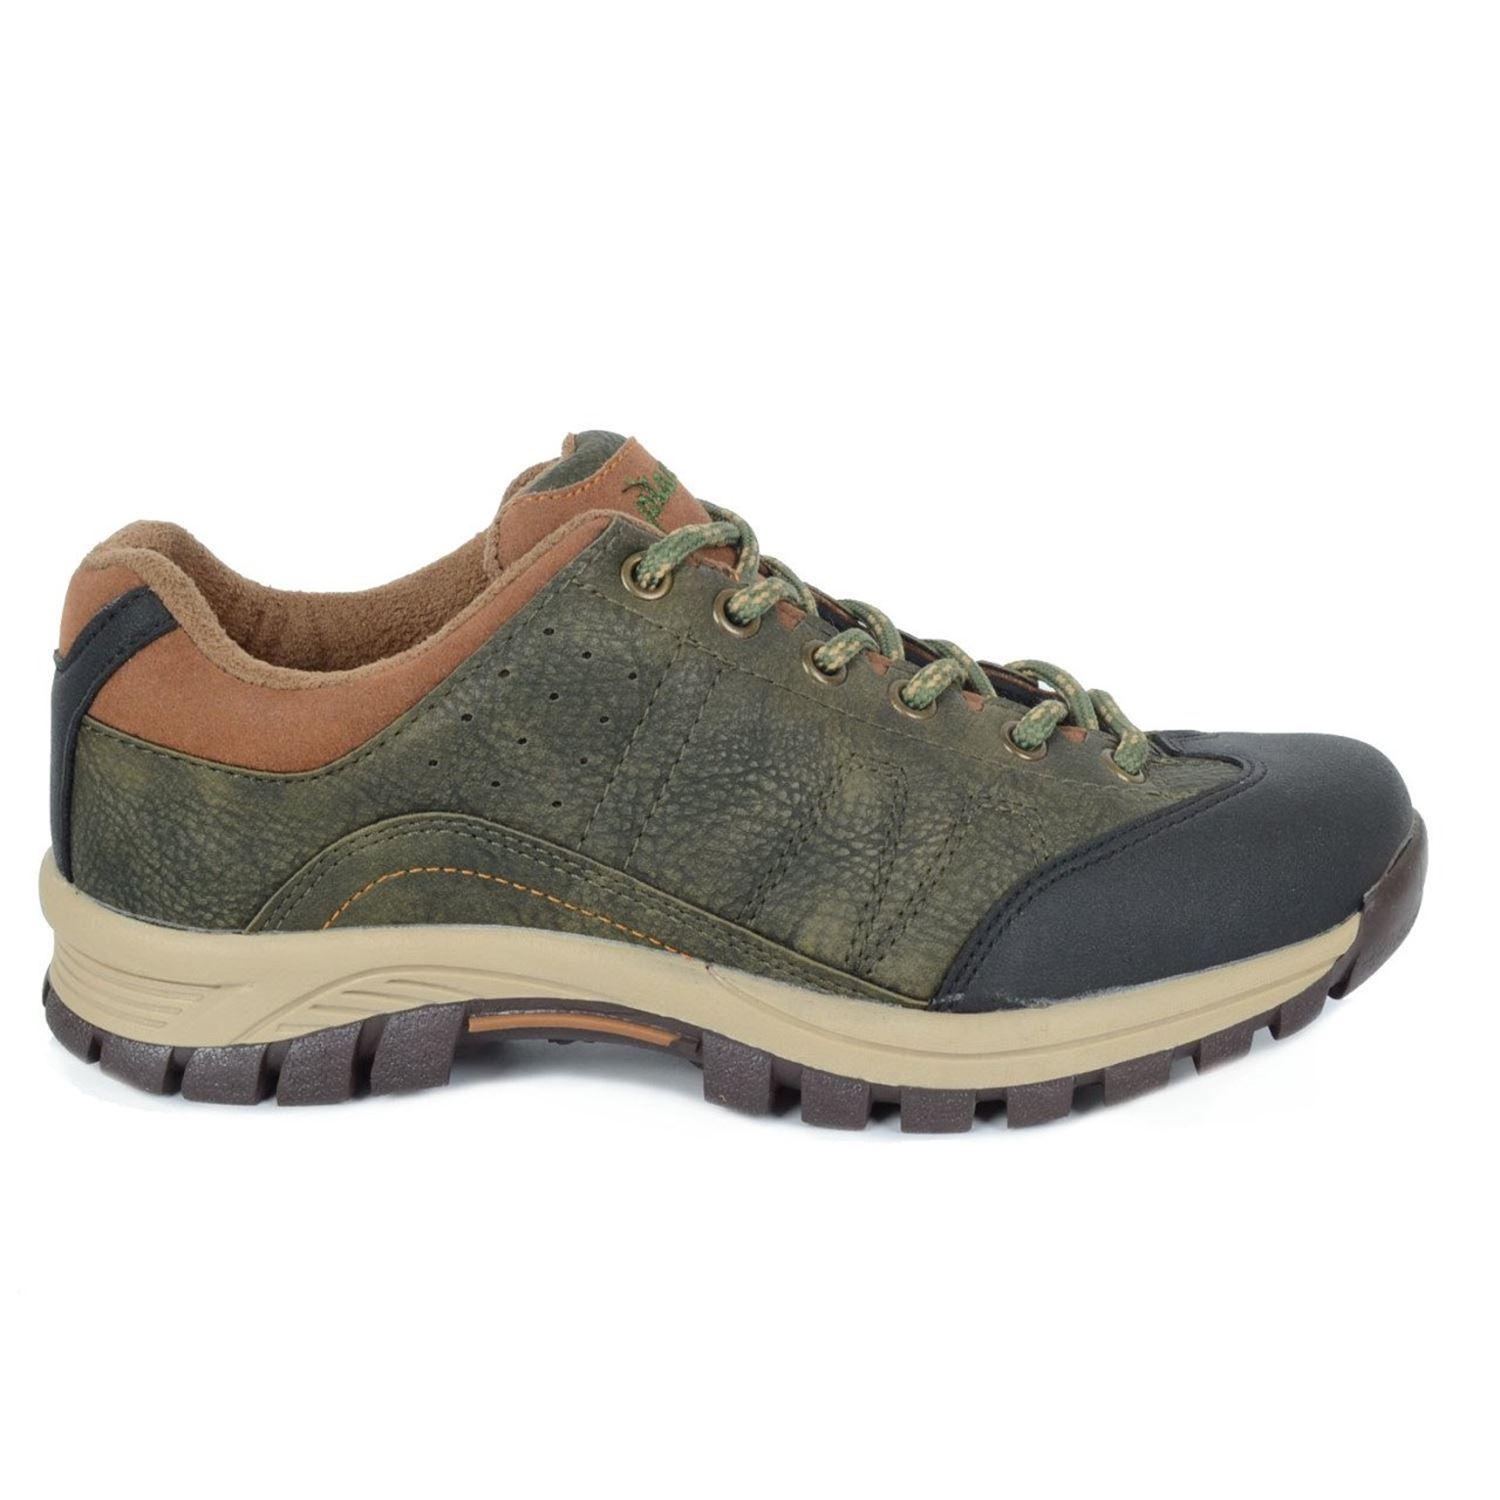 Erkek Çocuk Günlük Ayakkabı 10027